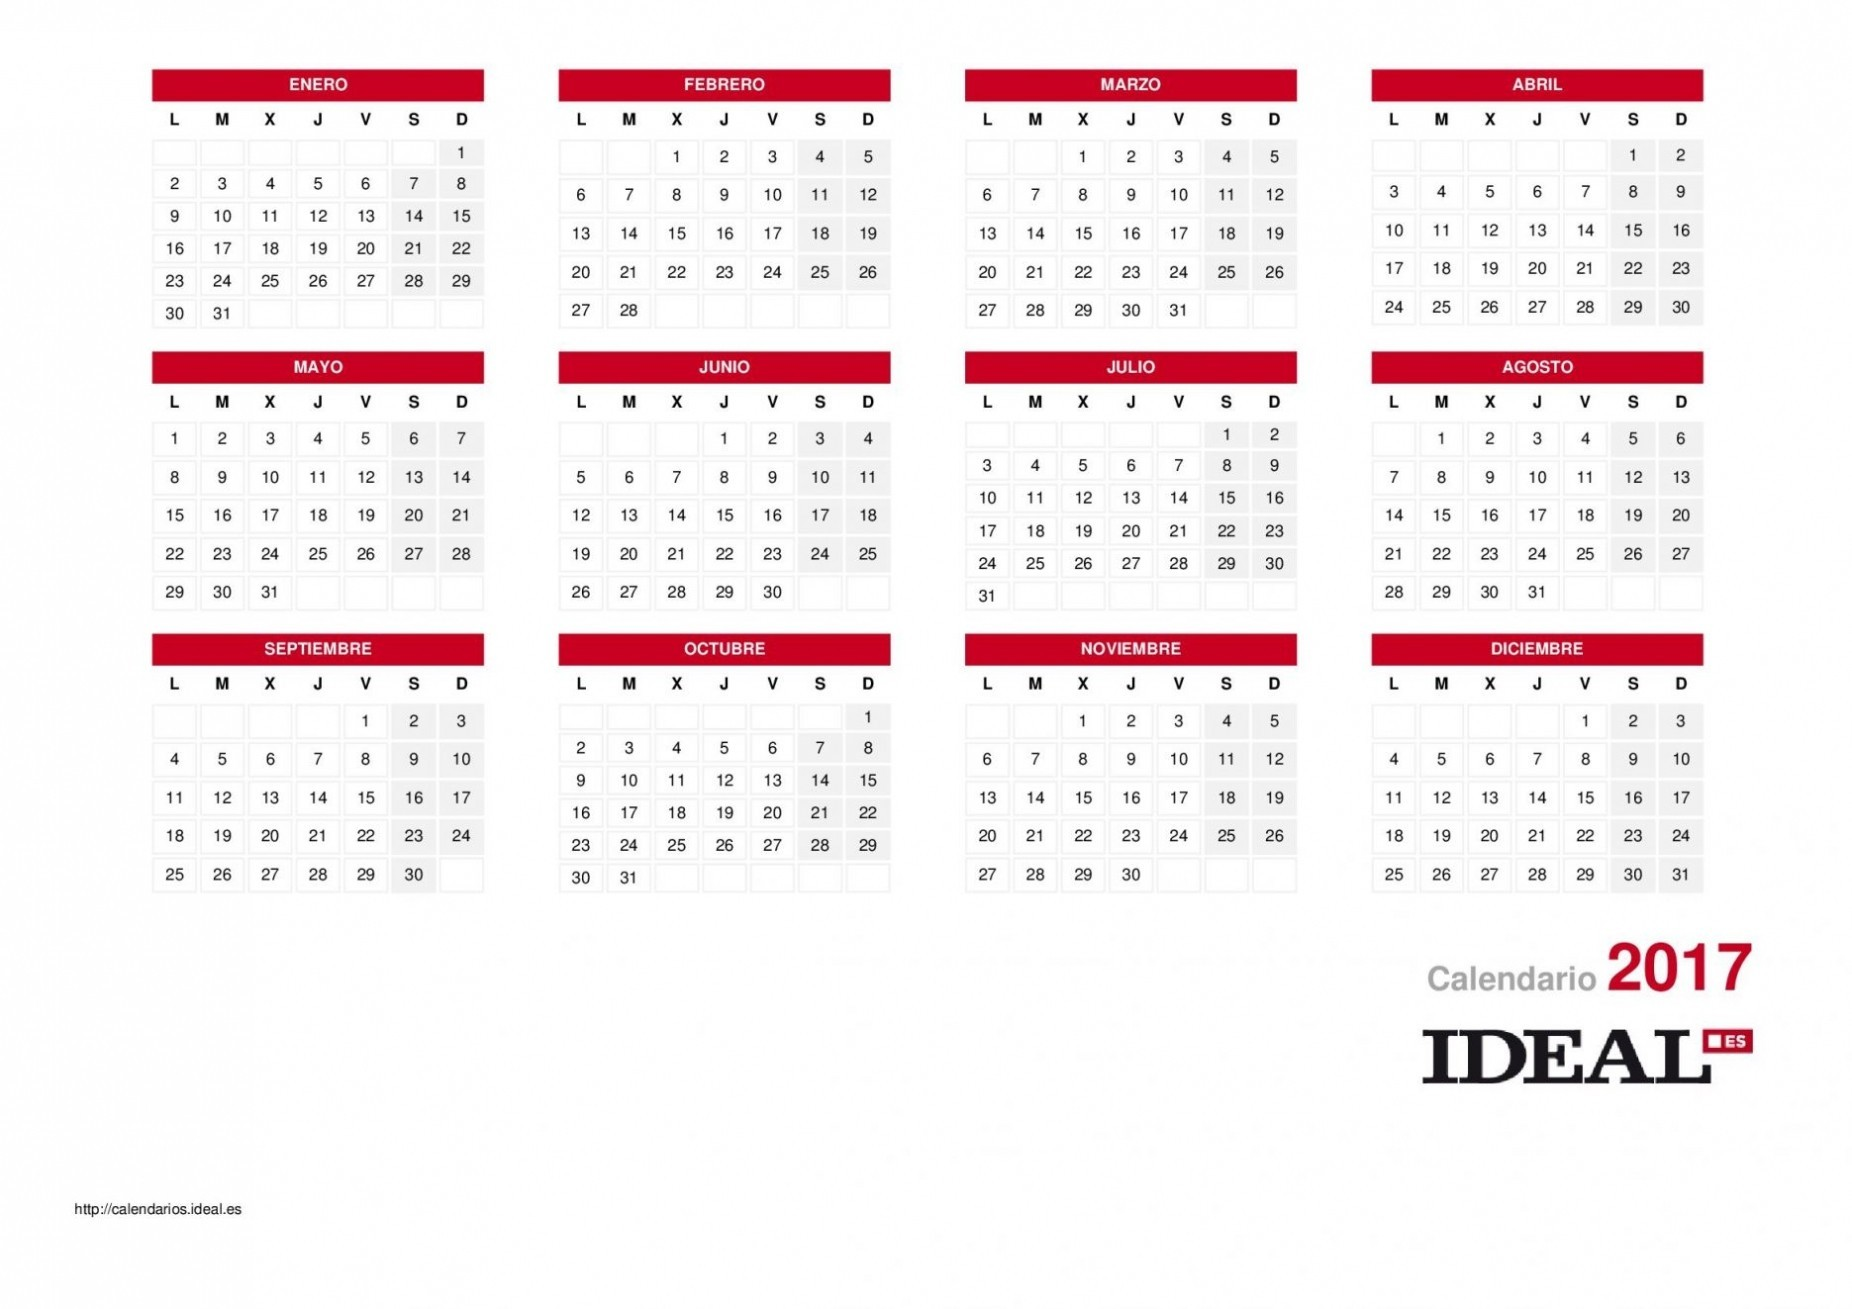 Calendario 2017 Para Imprimir Com Feriados El Salvador Más Recientes Observar Calendario 2019 Feriados Colombia Of Calendario 2017 Para Imprimir Com Feriados El Salvador Más Actual Eur Lex R2454 En Eur Lex